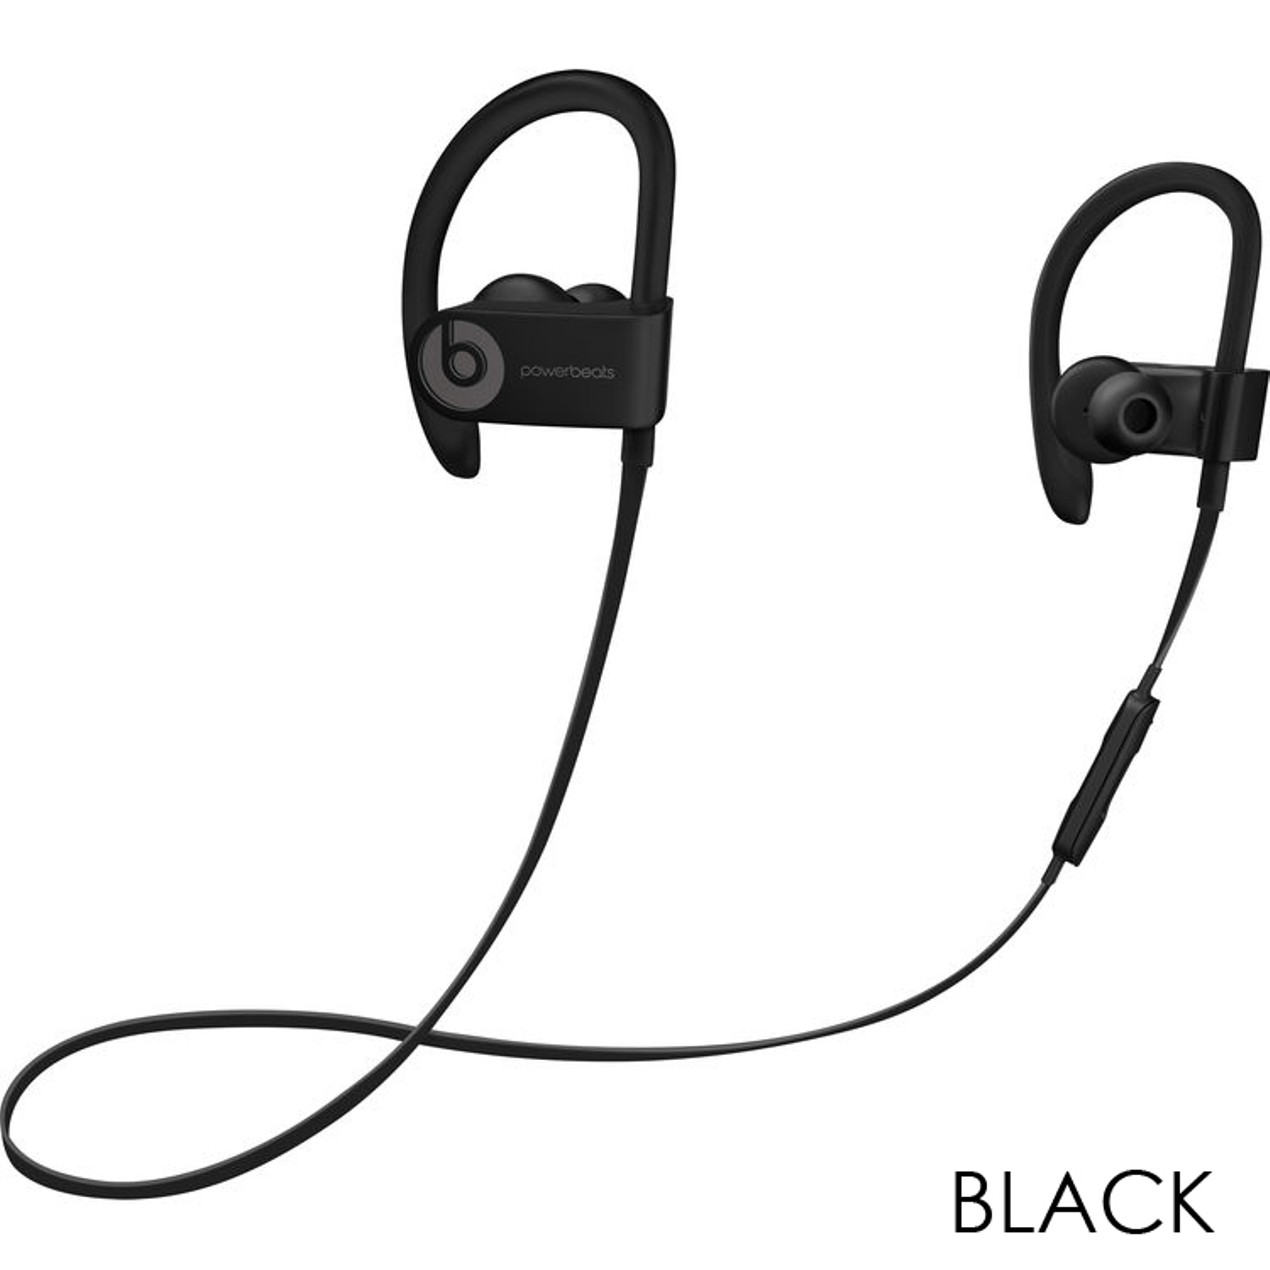 4b2a13f5eaf ... Beats by Dr. Dre Powerbeats3 Wireless In-Ear Headphones ...